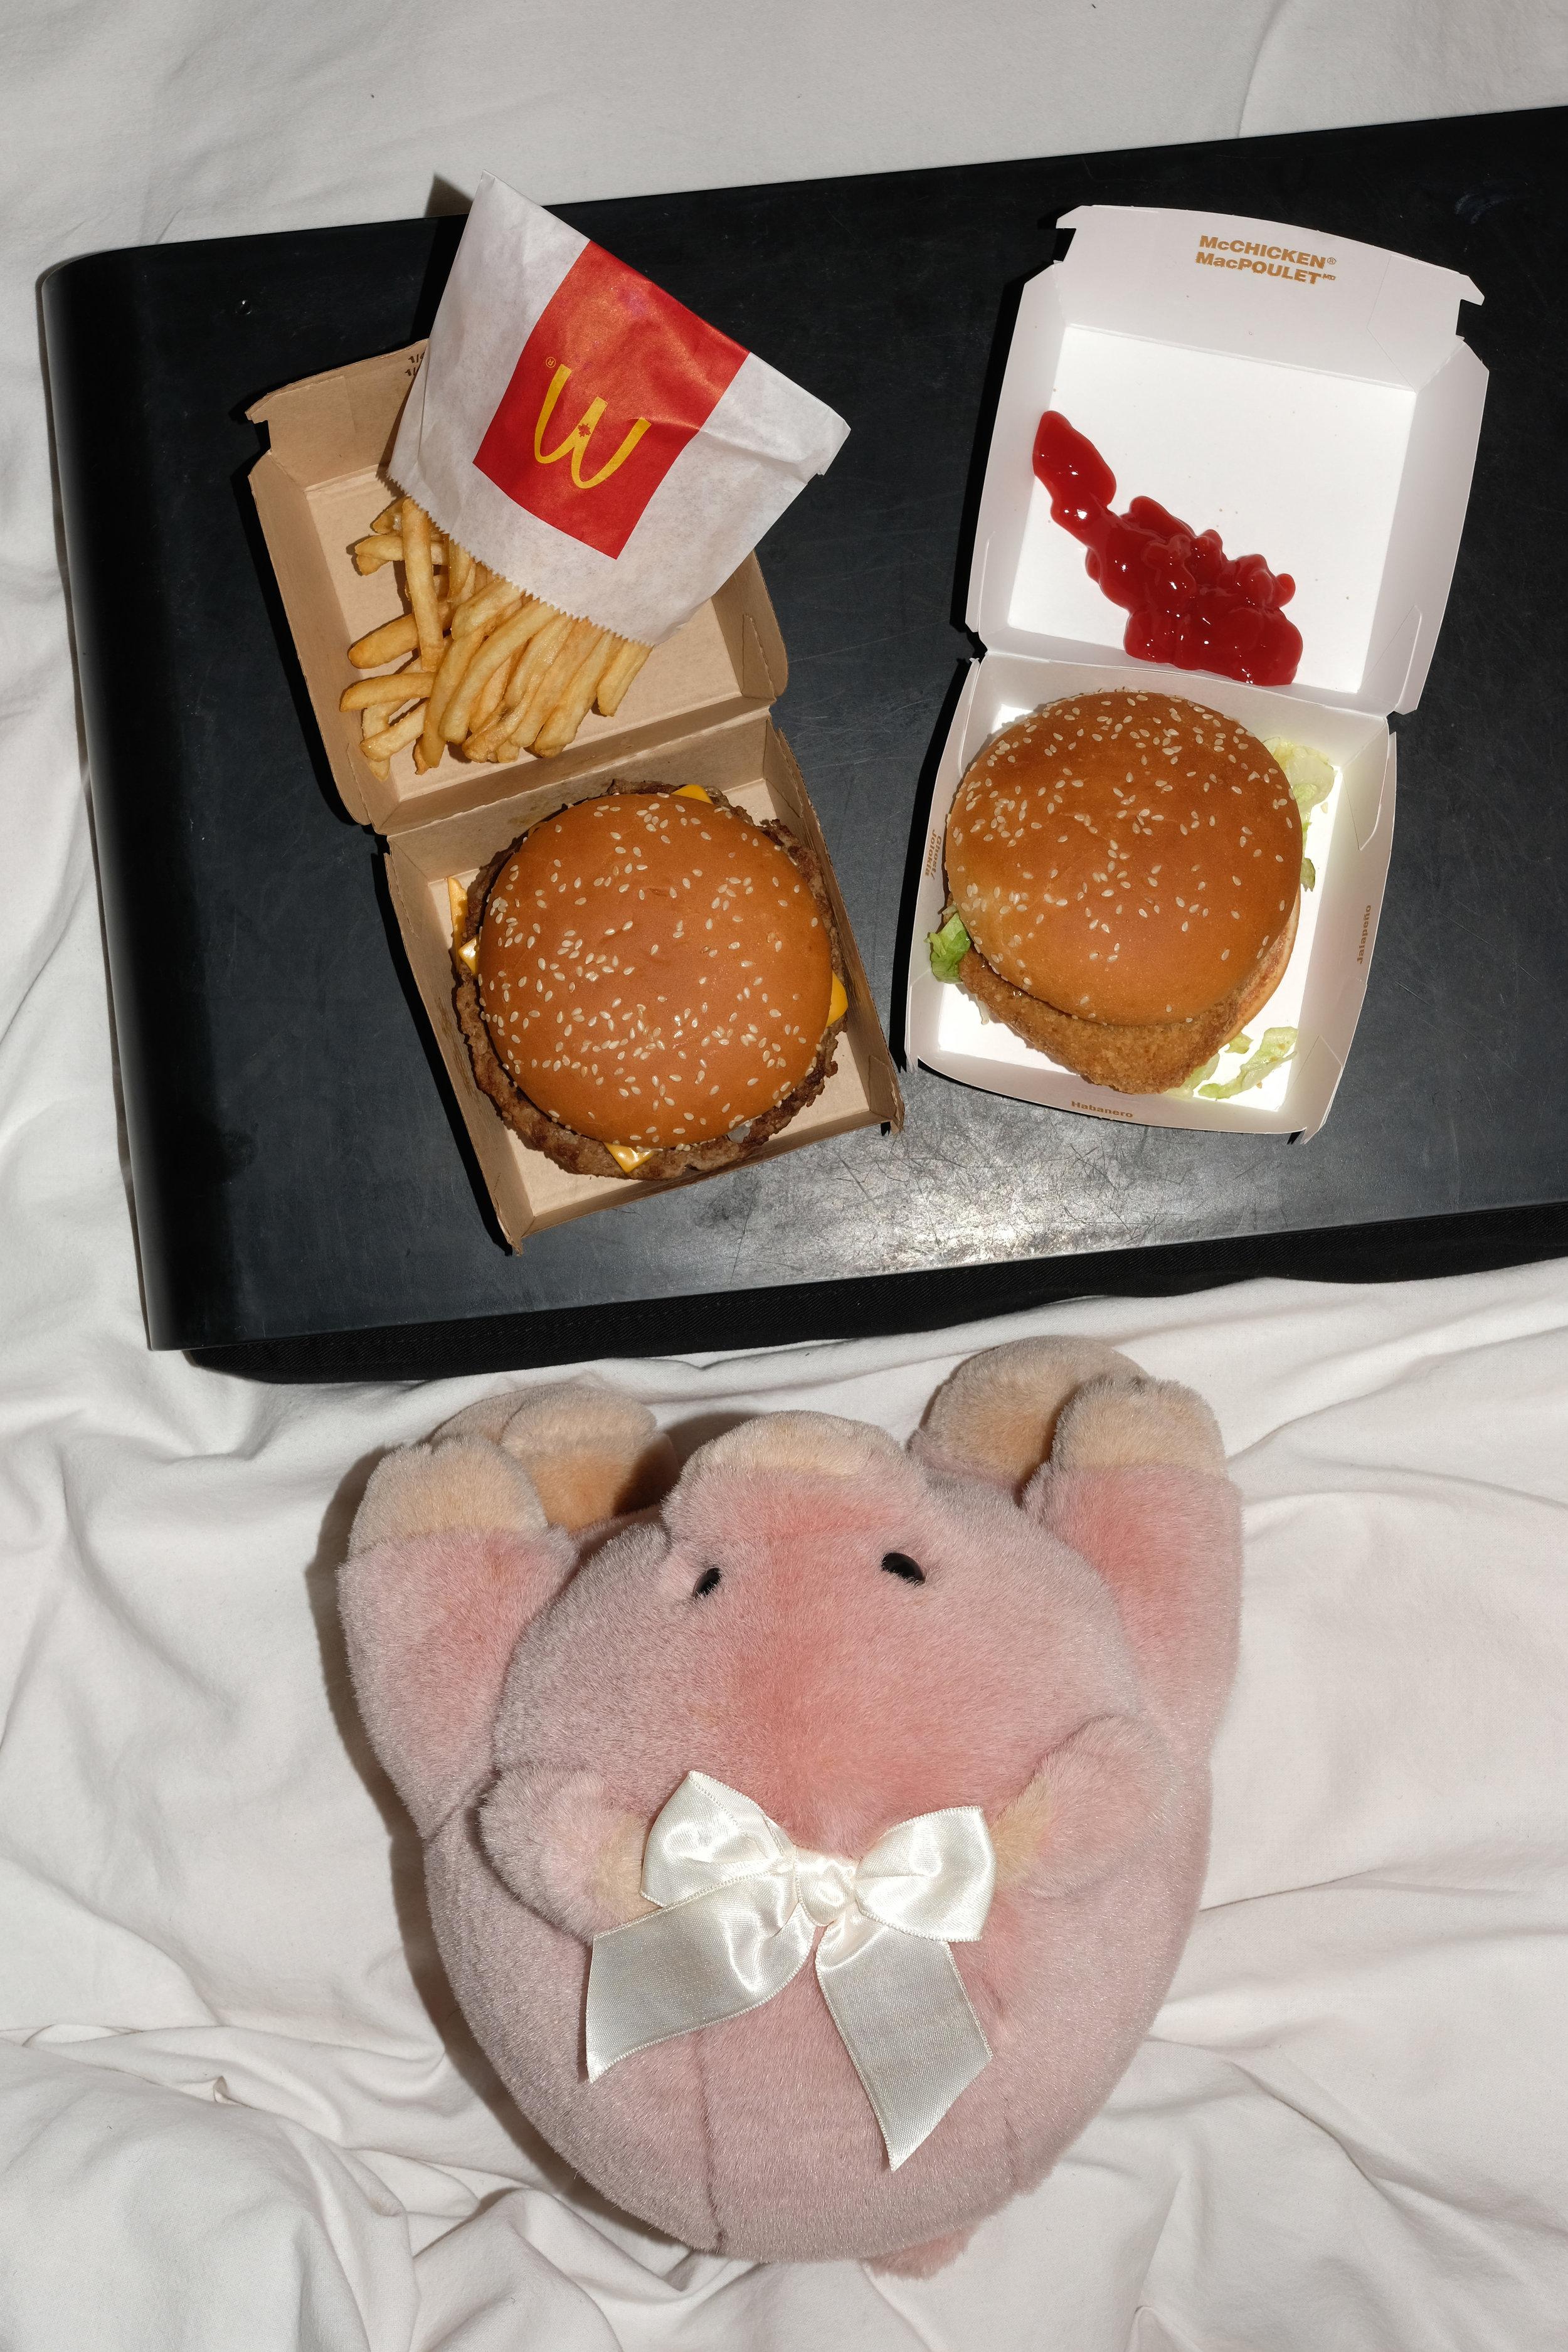 McDonald's, 2019